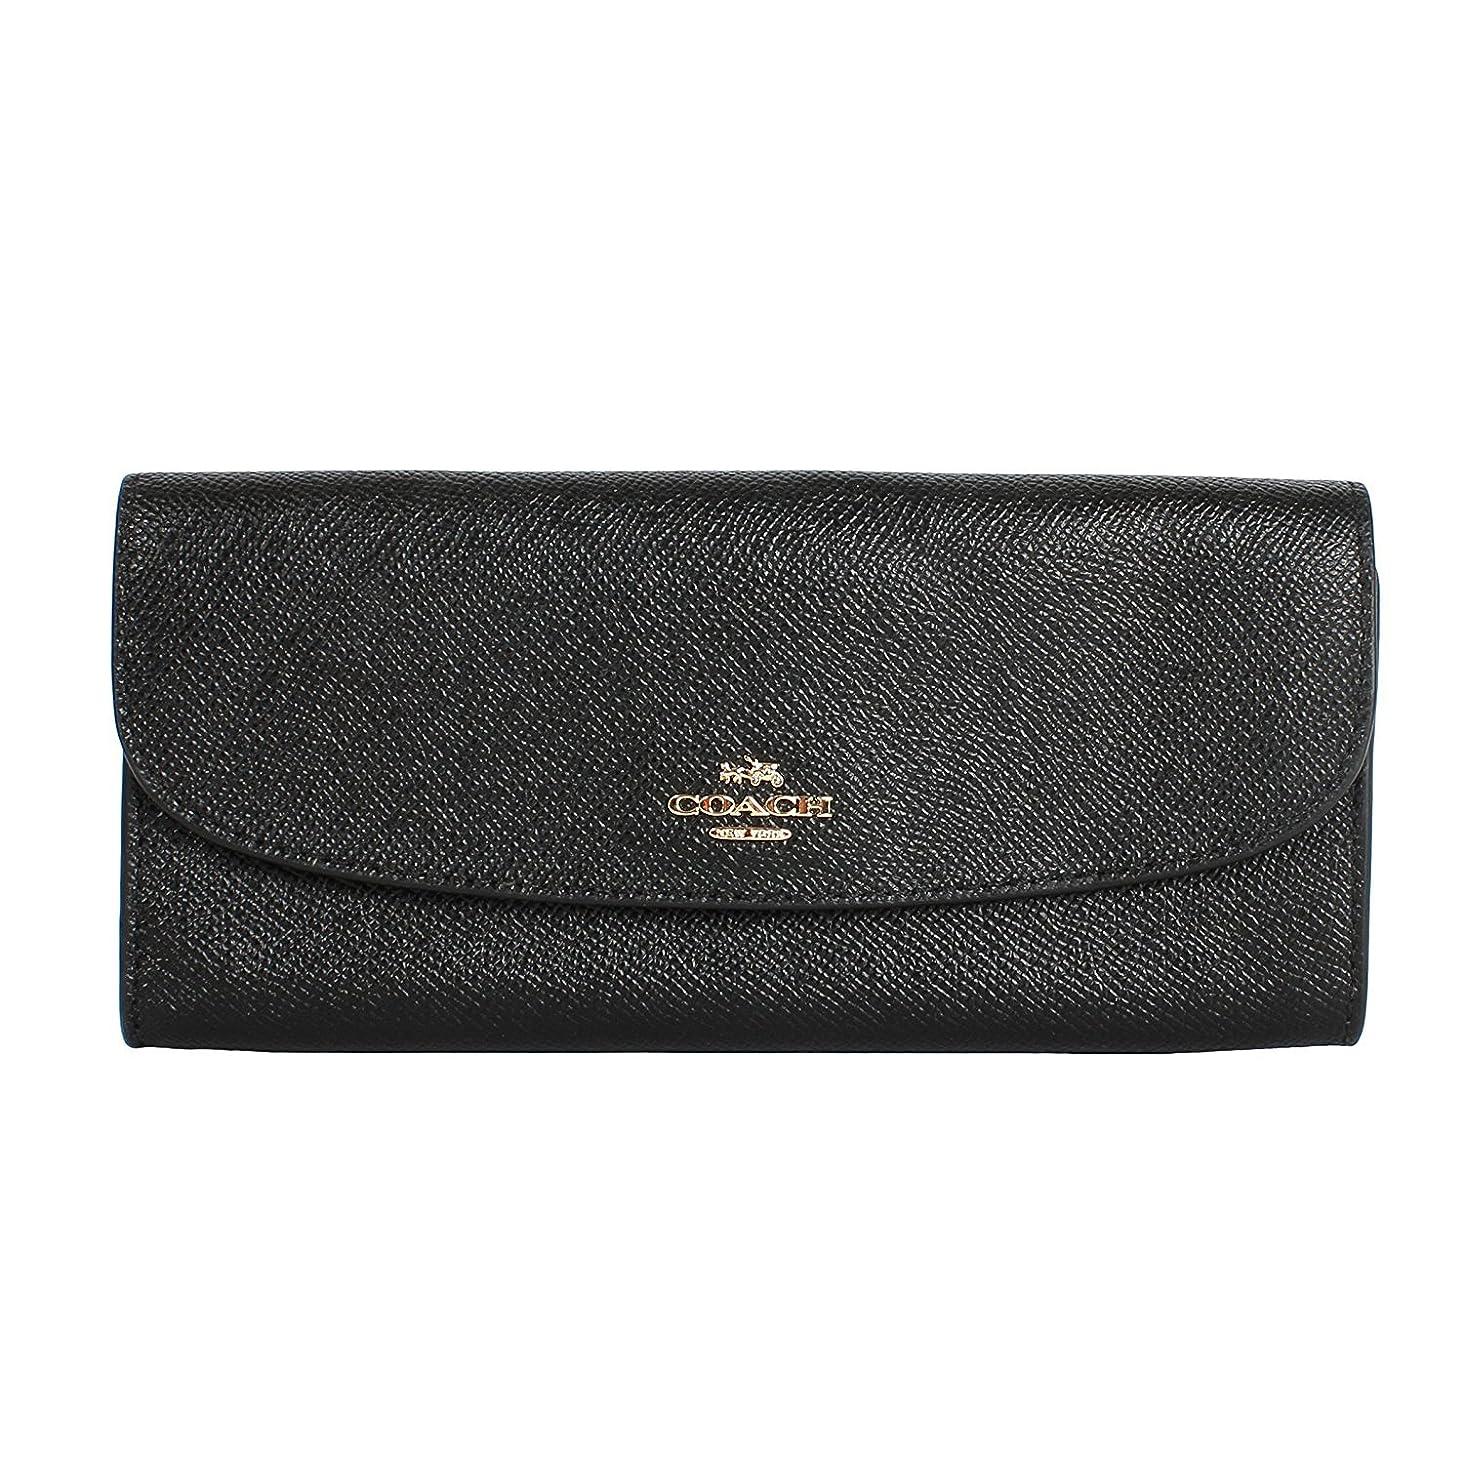 Coach F59949 Wallet in Crossgrain Leather